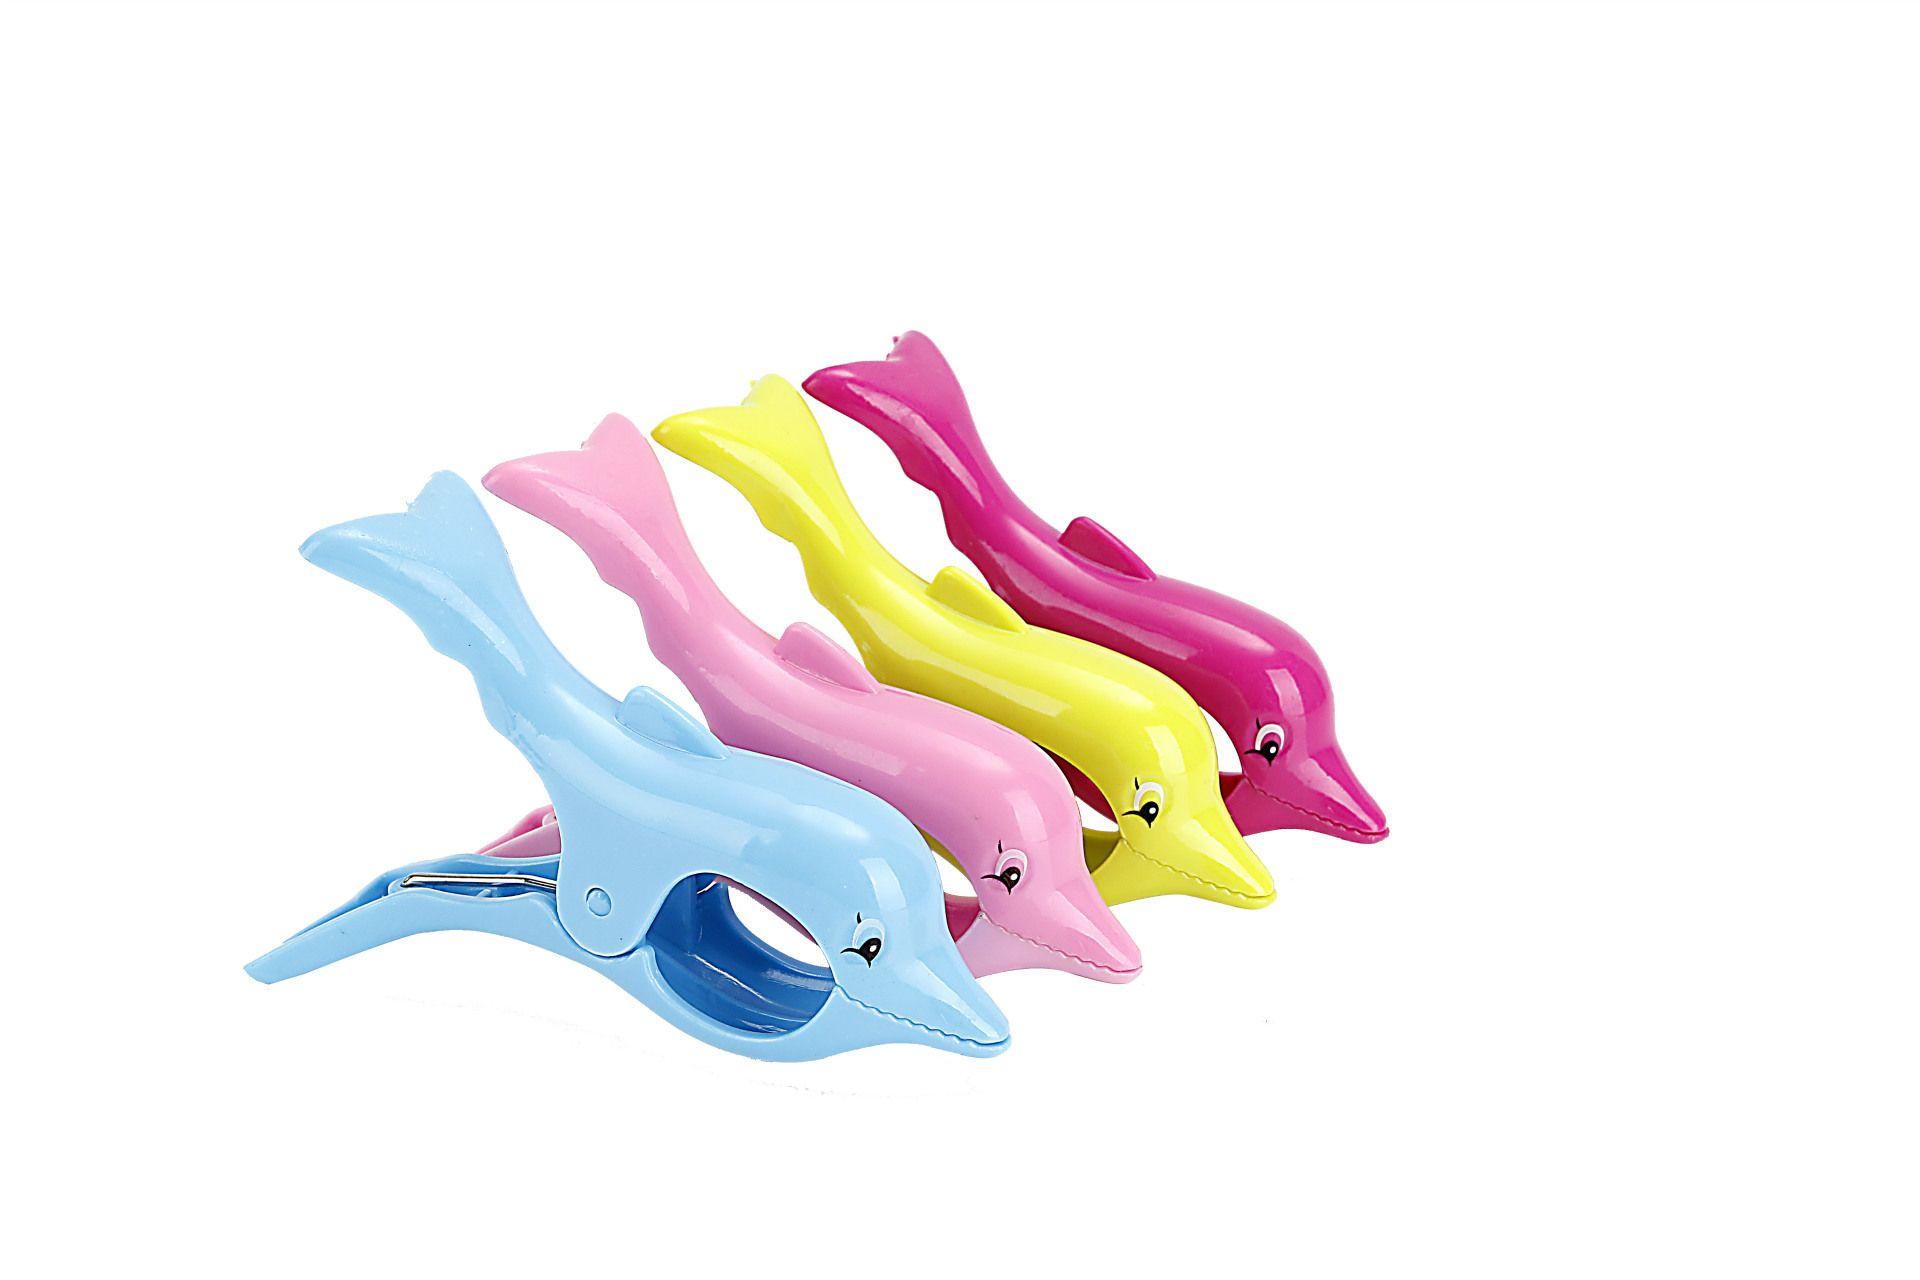 شكل دولفين للفوط الشاطئ كليب الشكل حامل منشفة كليب Multicolors المنتجات الإبداعية لطيف شكل دولفين